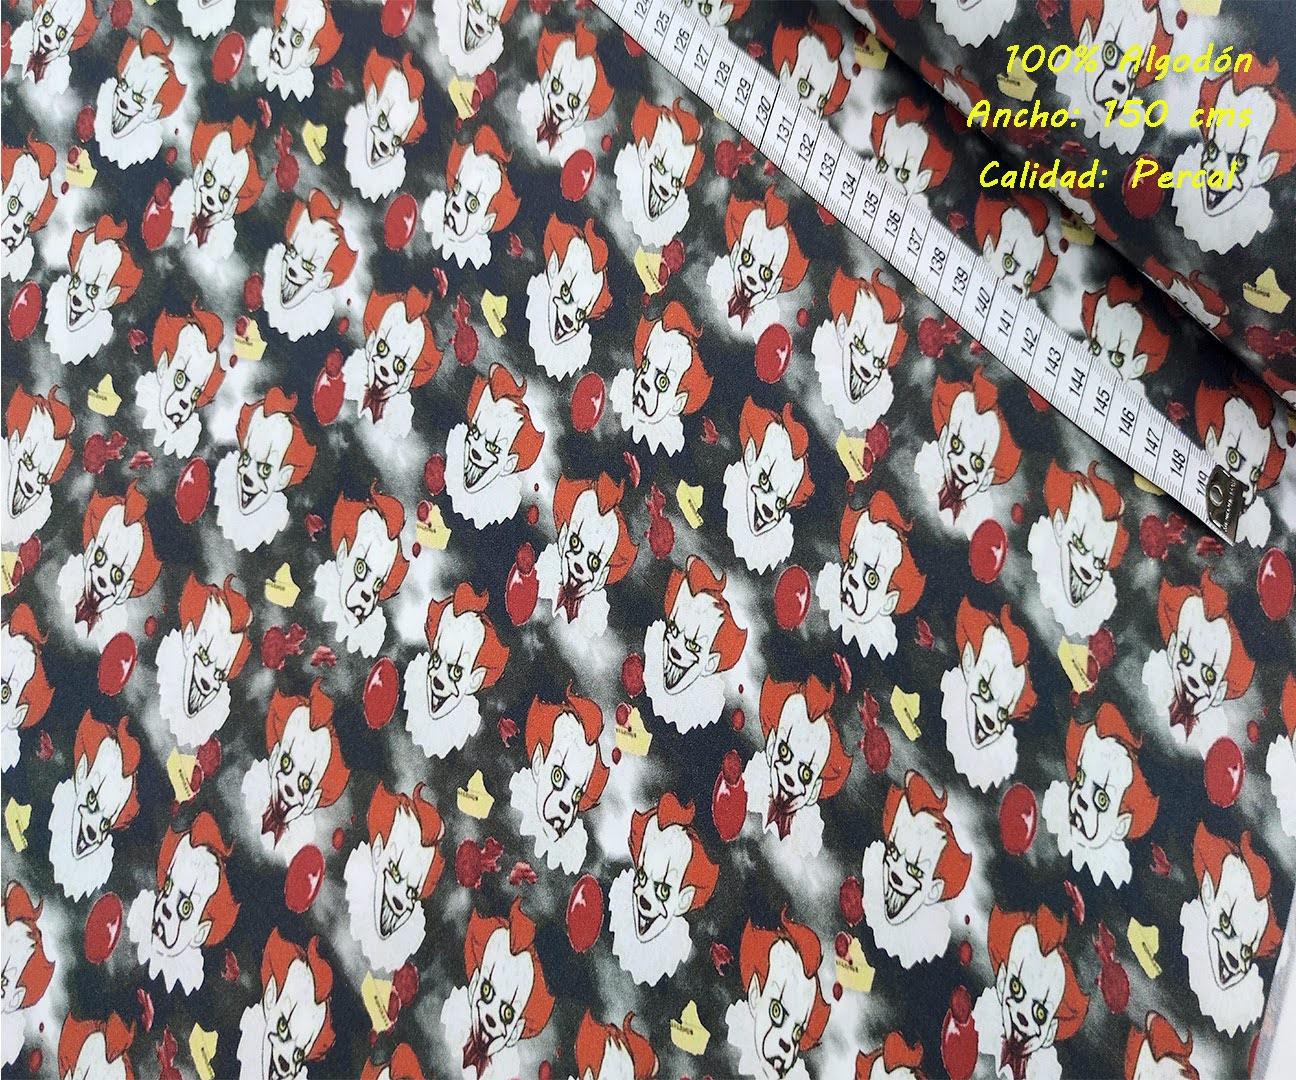 payaso-it-tejidos-algodón-estampado-percal,telas Halloween estampoados mascarillas telas algodon tienda de telas telas baratas